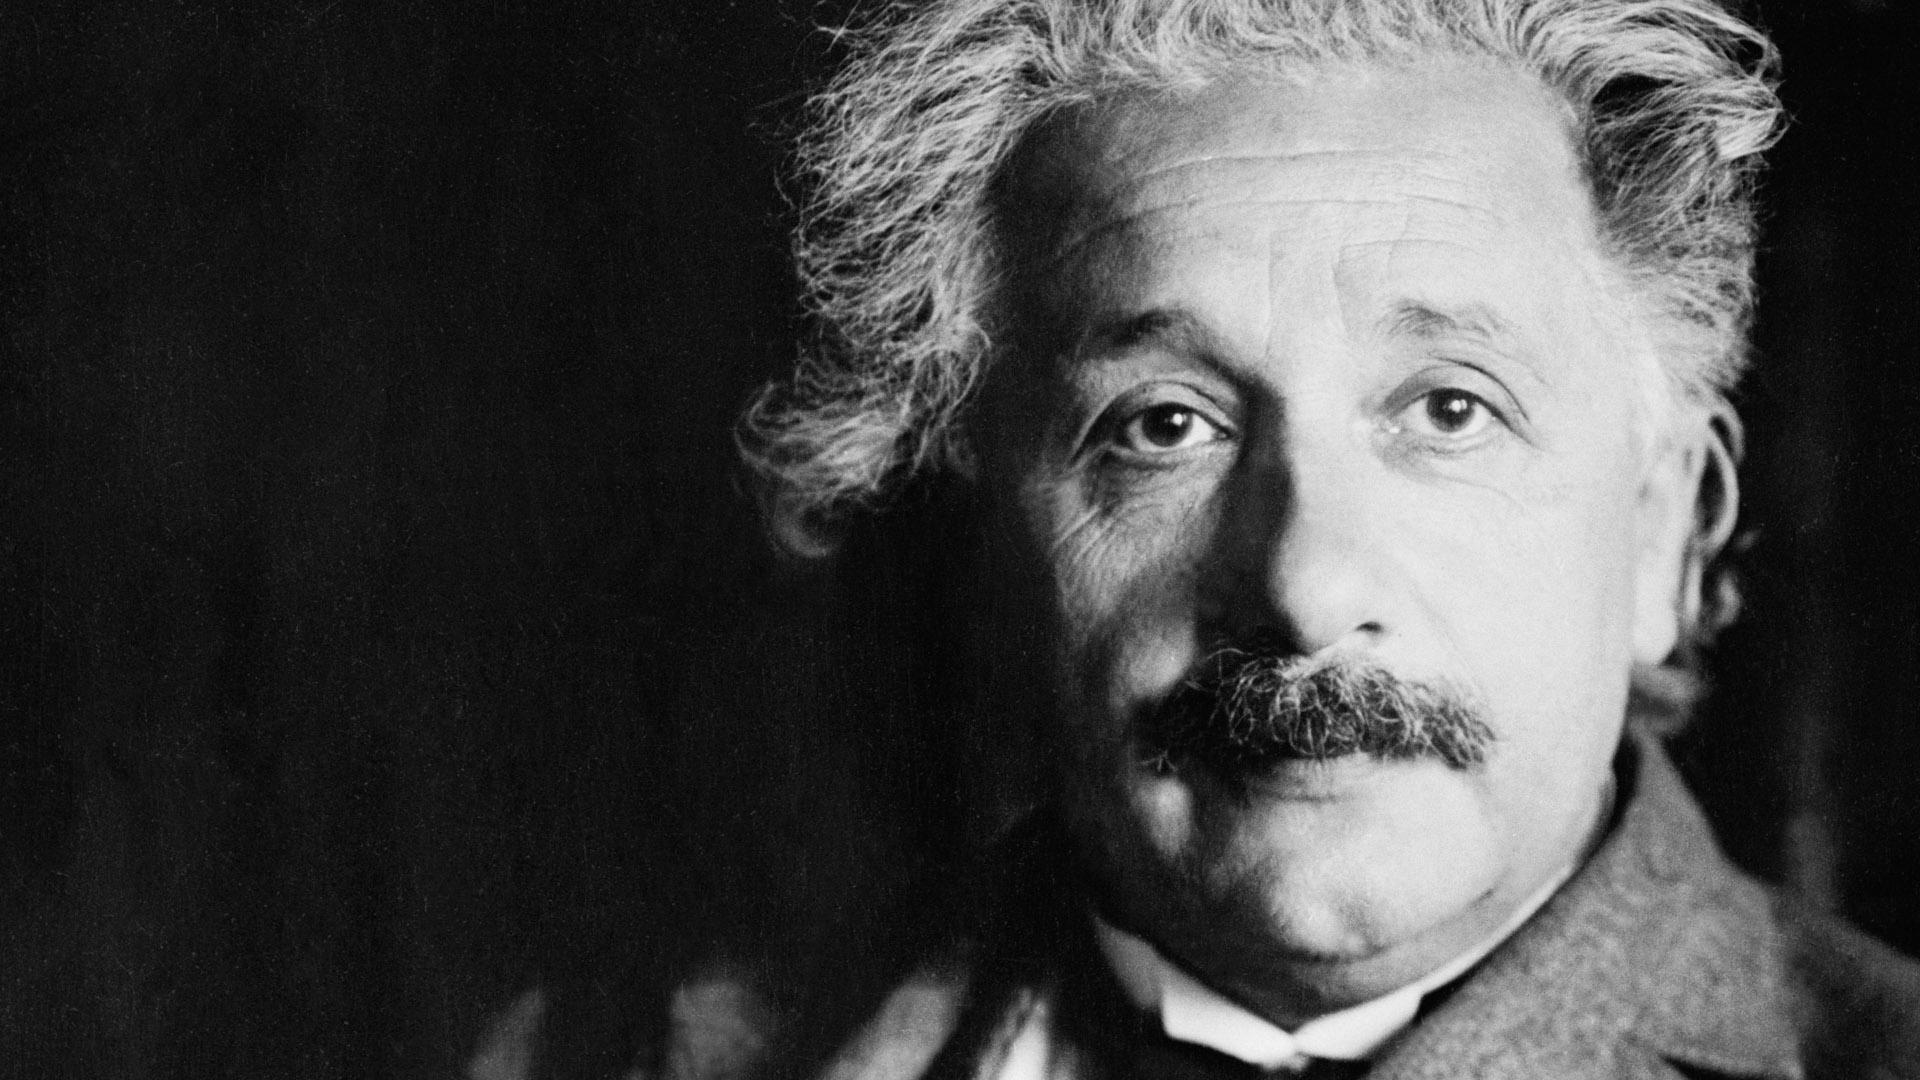 Albert Einstein Wallpapers - HD Wallpaper